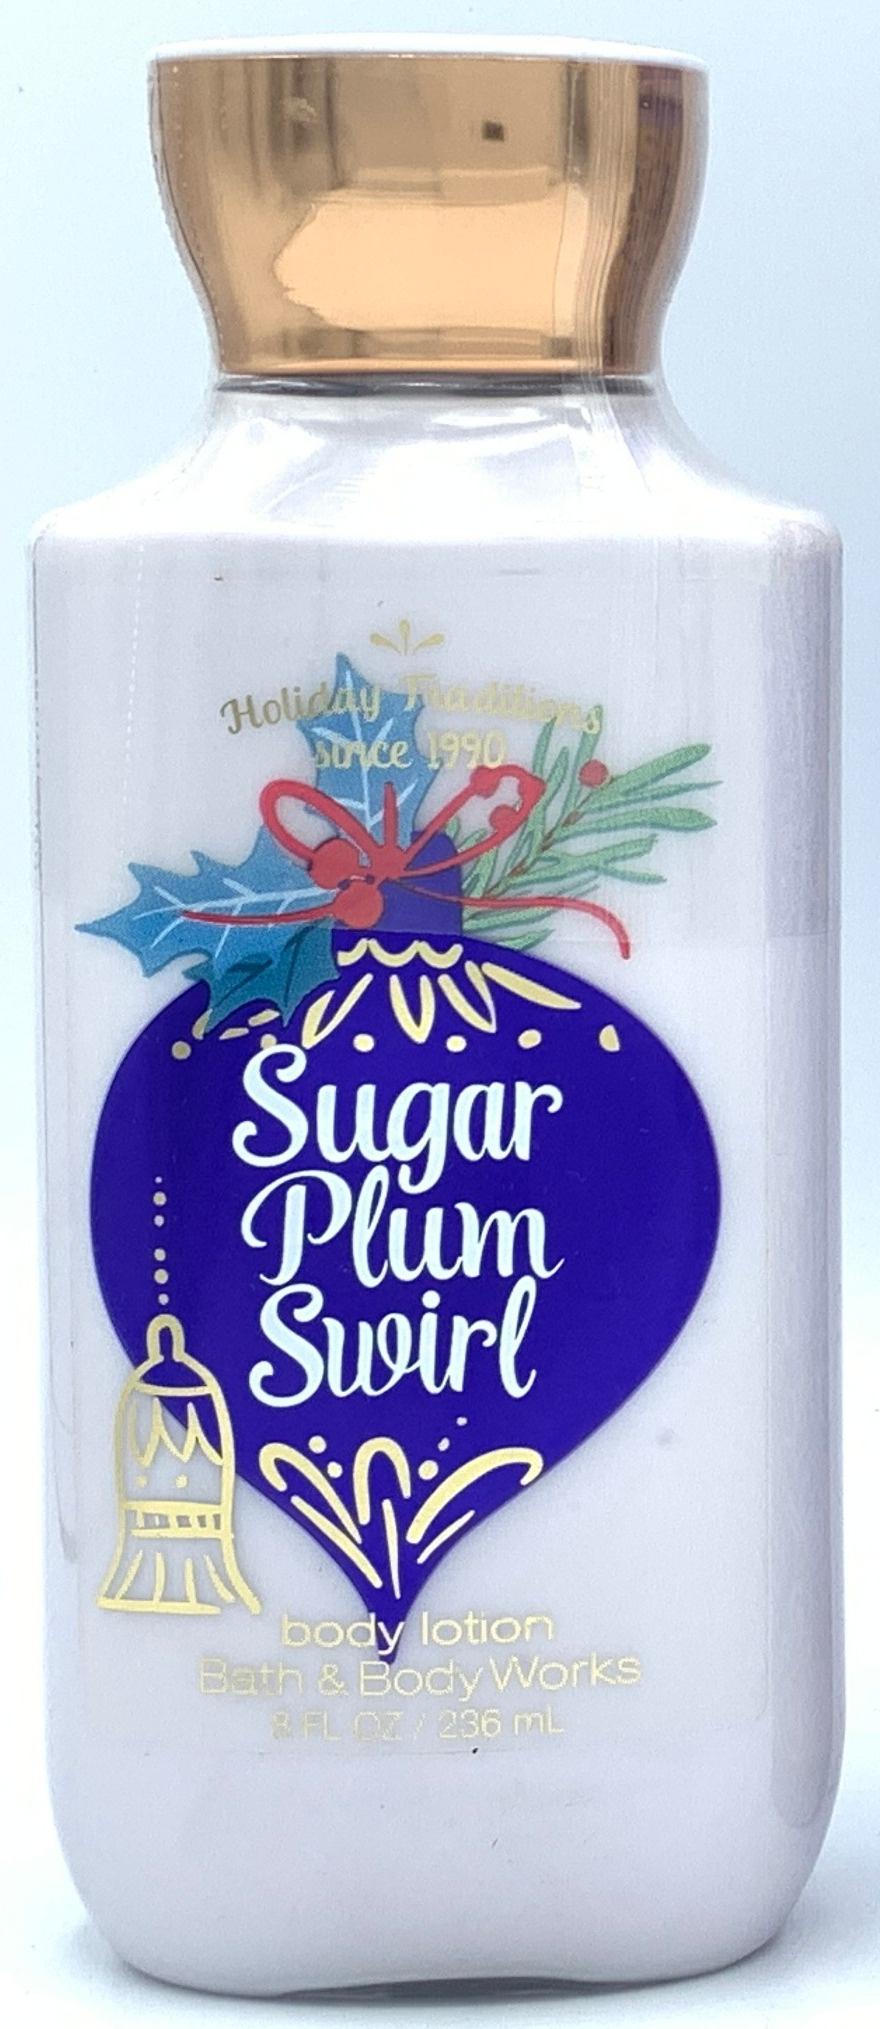 Bath & Body Works Sugar Plum Swirl Body Lotion